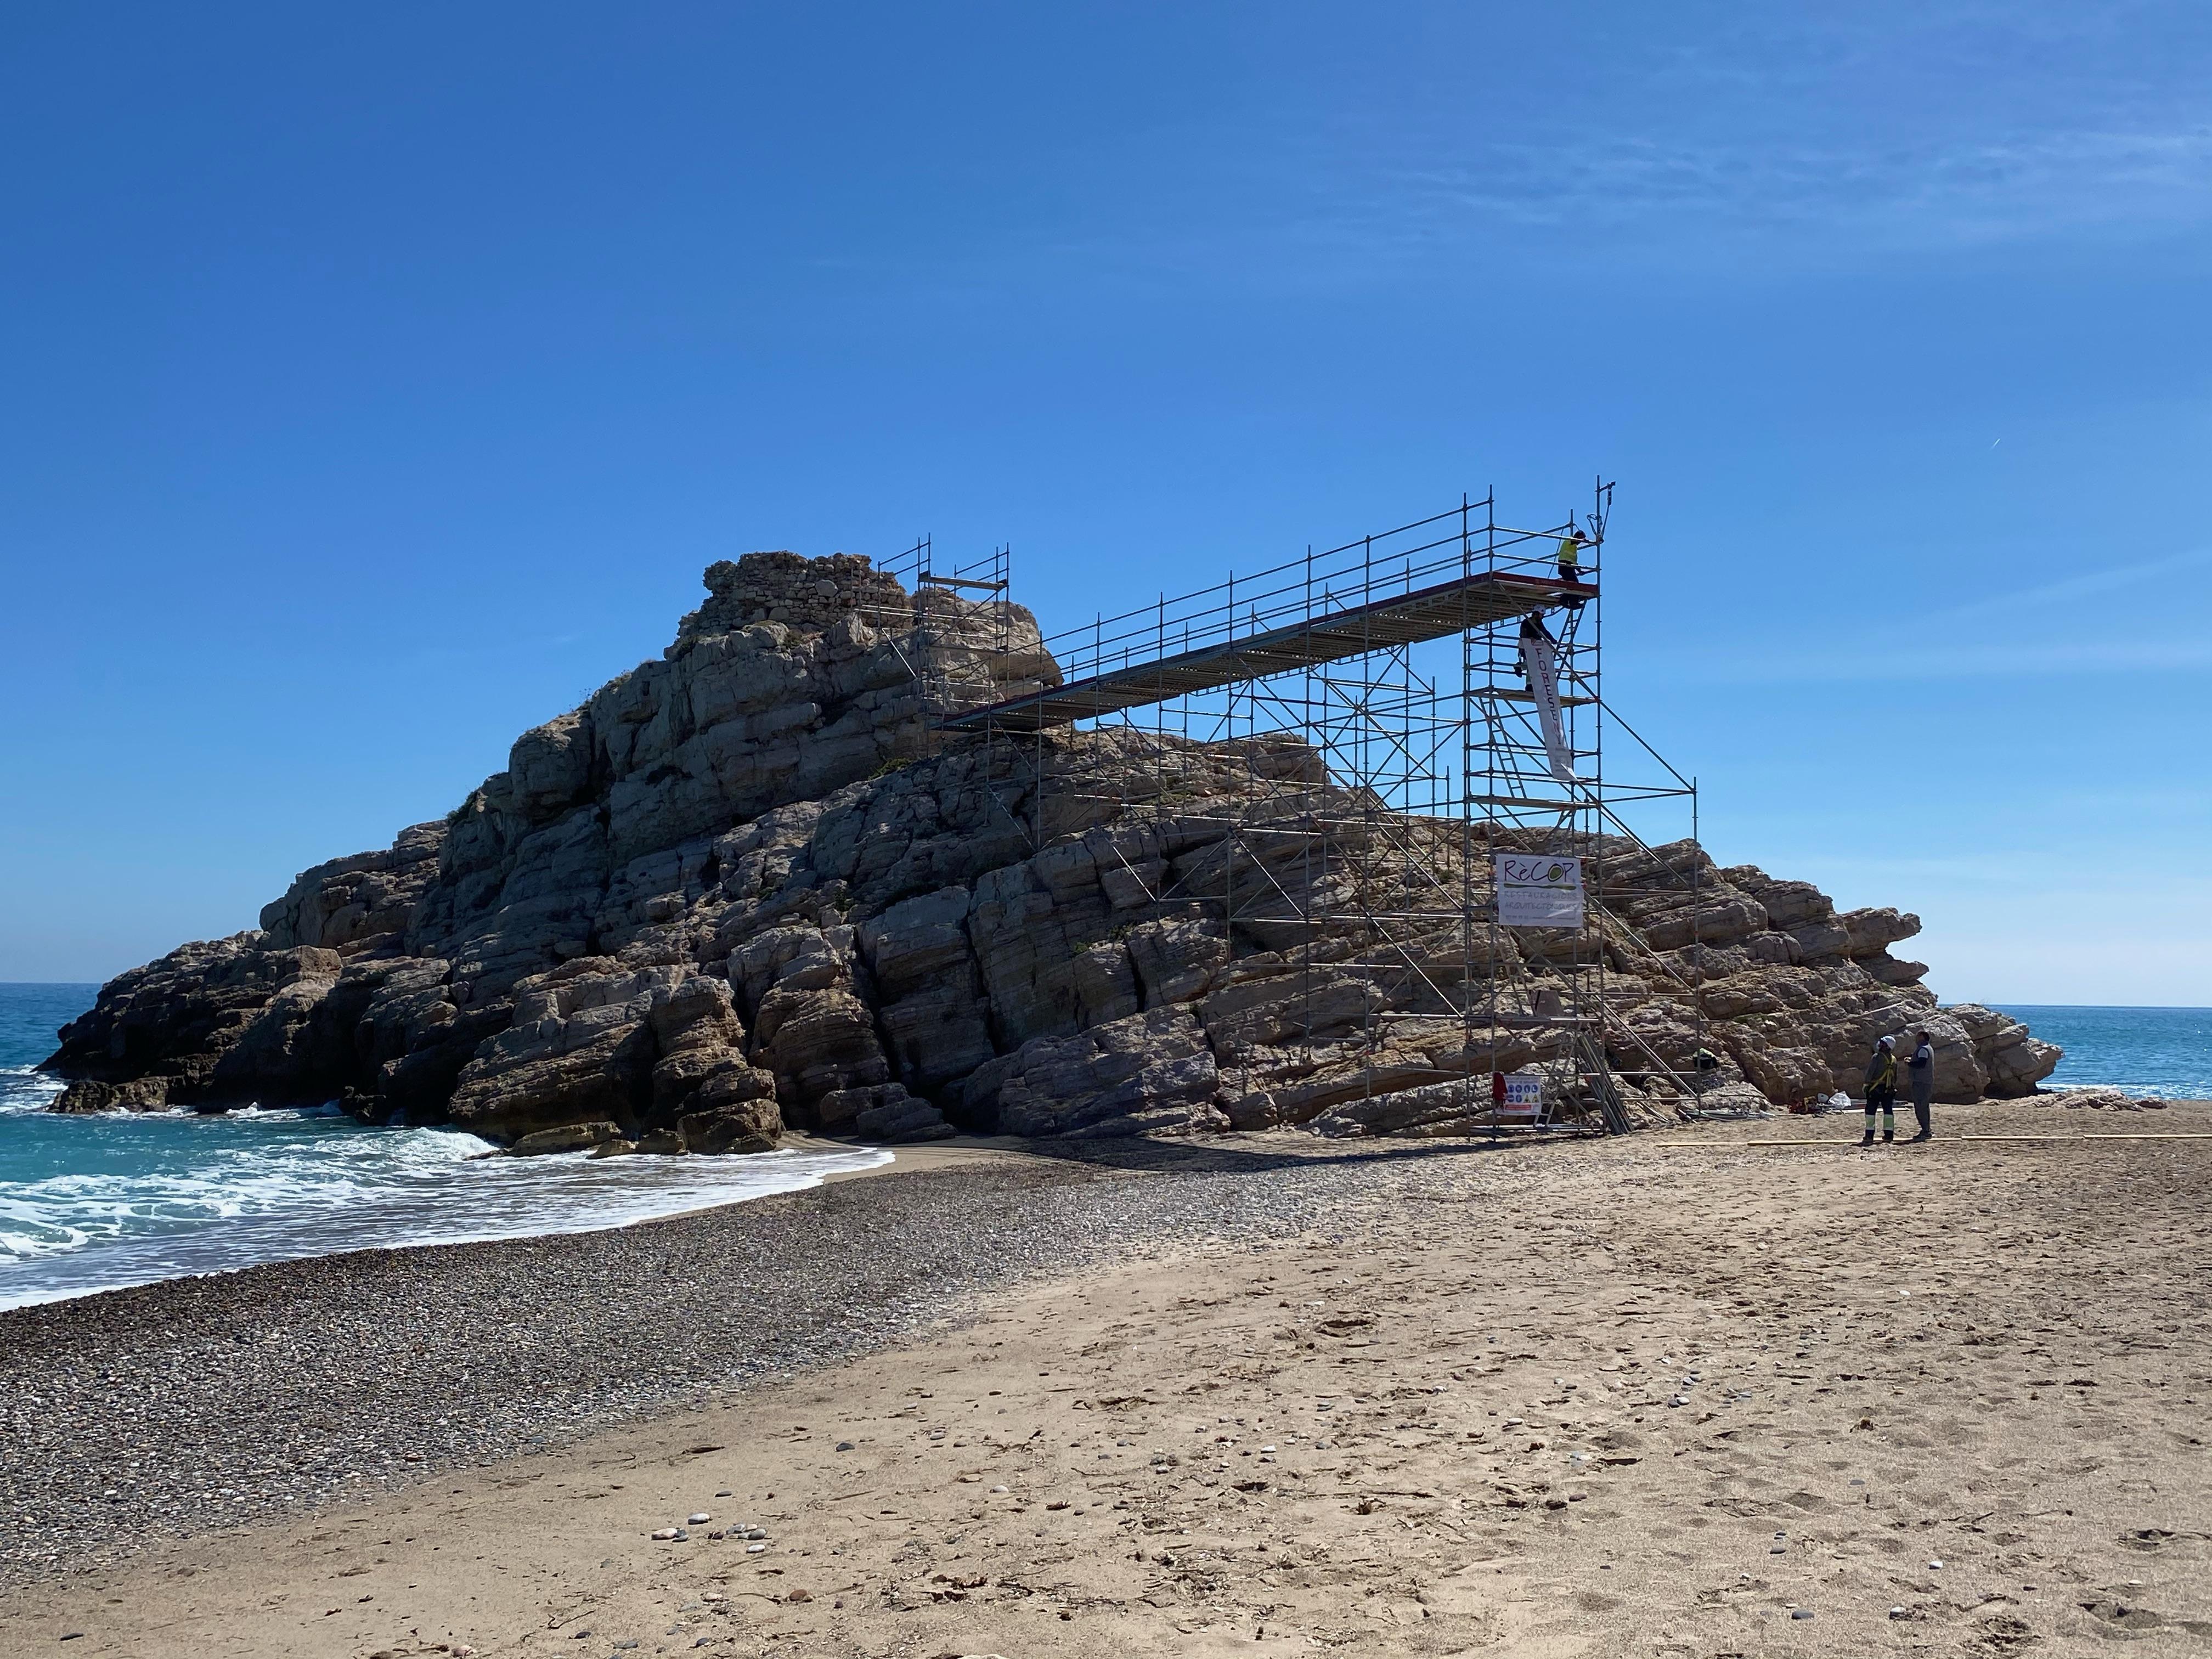 L'Ajuntament de Vandellòs i l'Hospitalet de l'Infant està consolidant les restes de la torre de l'Illot del Torn